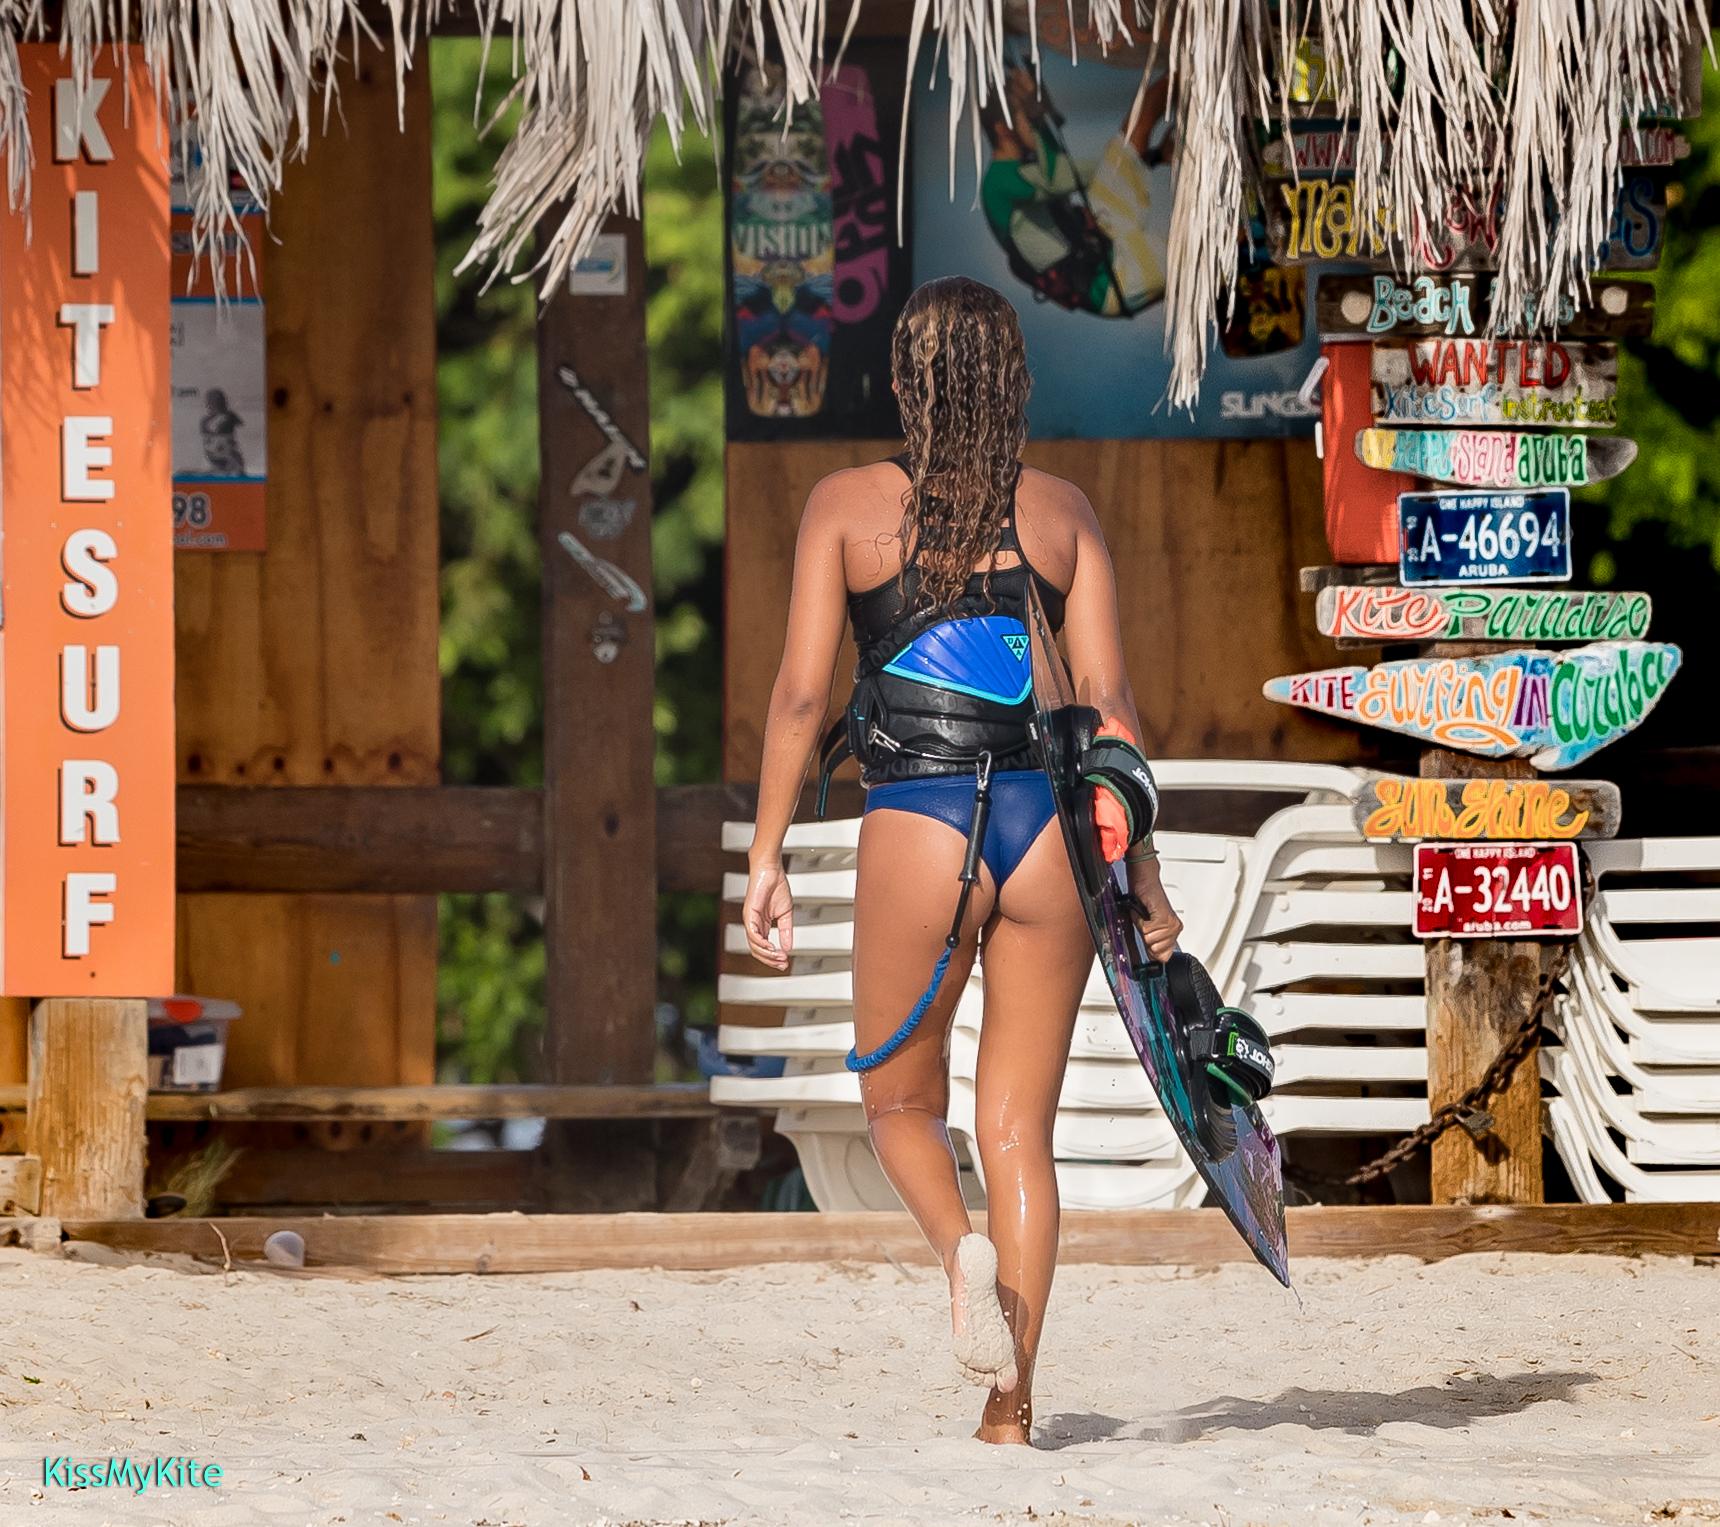 Zoë Loefstok Kitesurfing Aruba